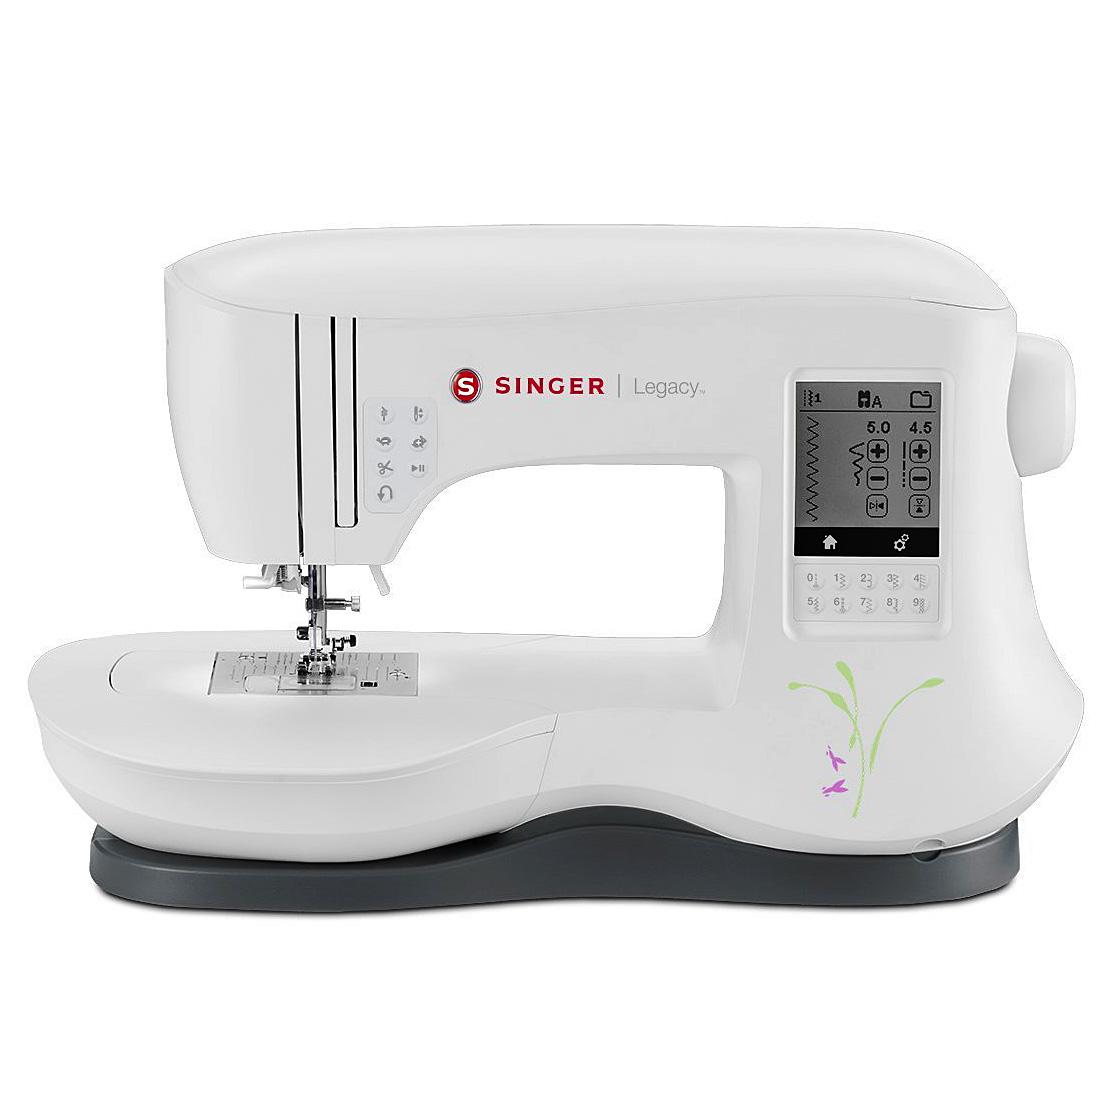 Singer Legacy Sewing Machine (C440)